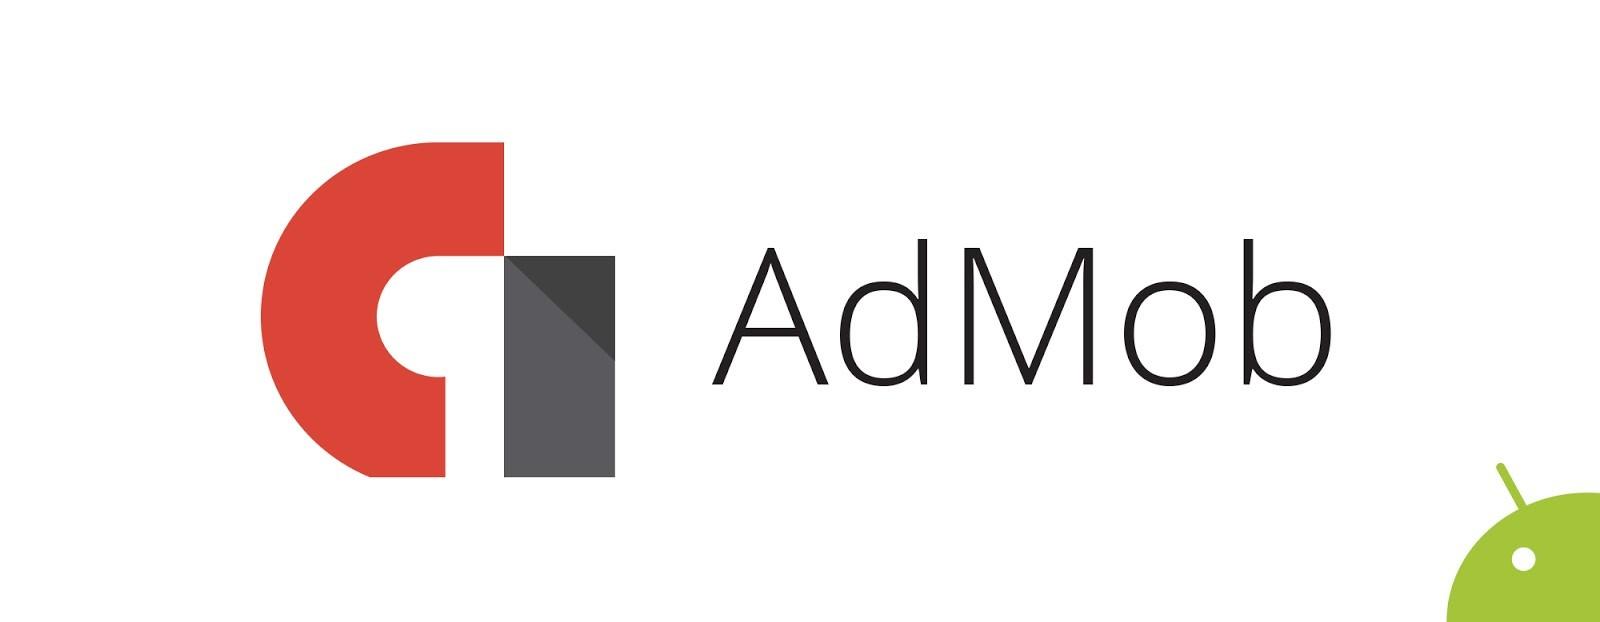 IGLORIA - HTML5 - AdMob - Capx Download